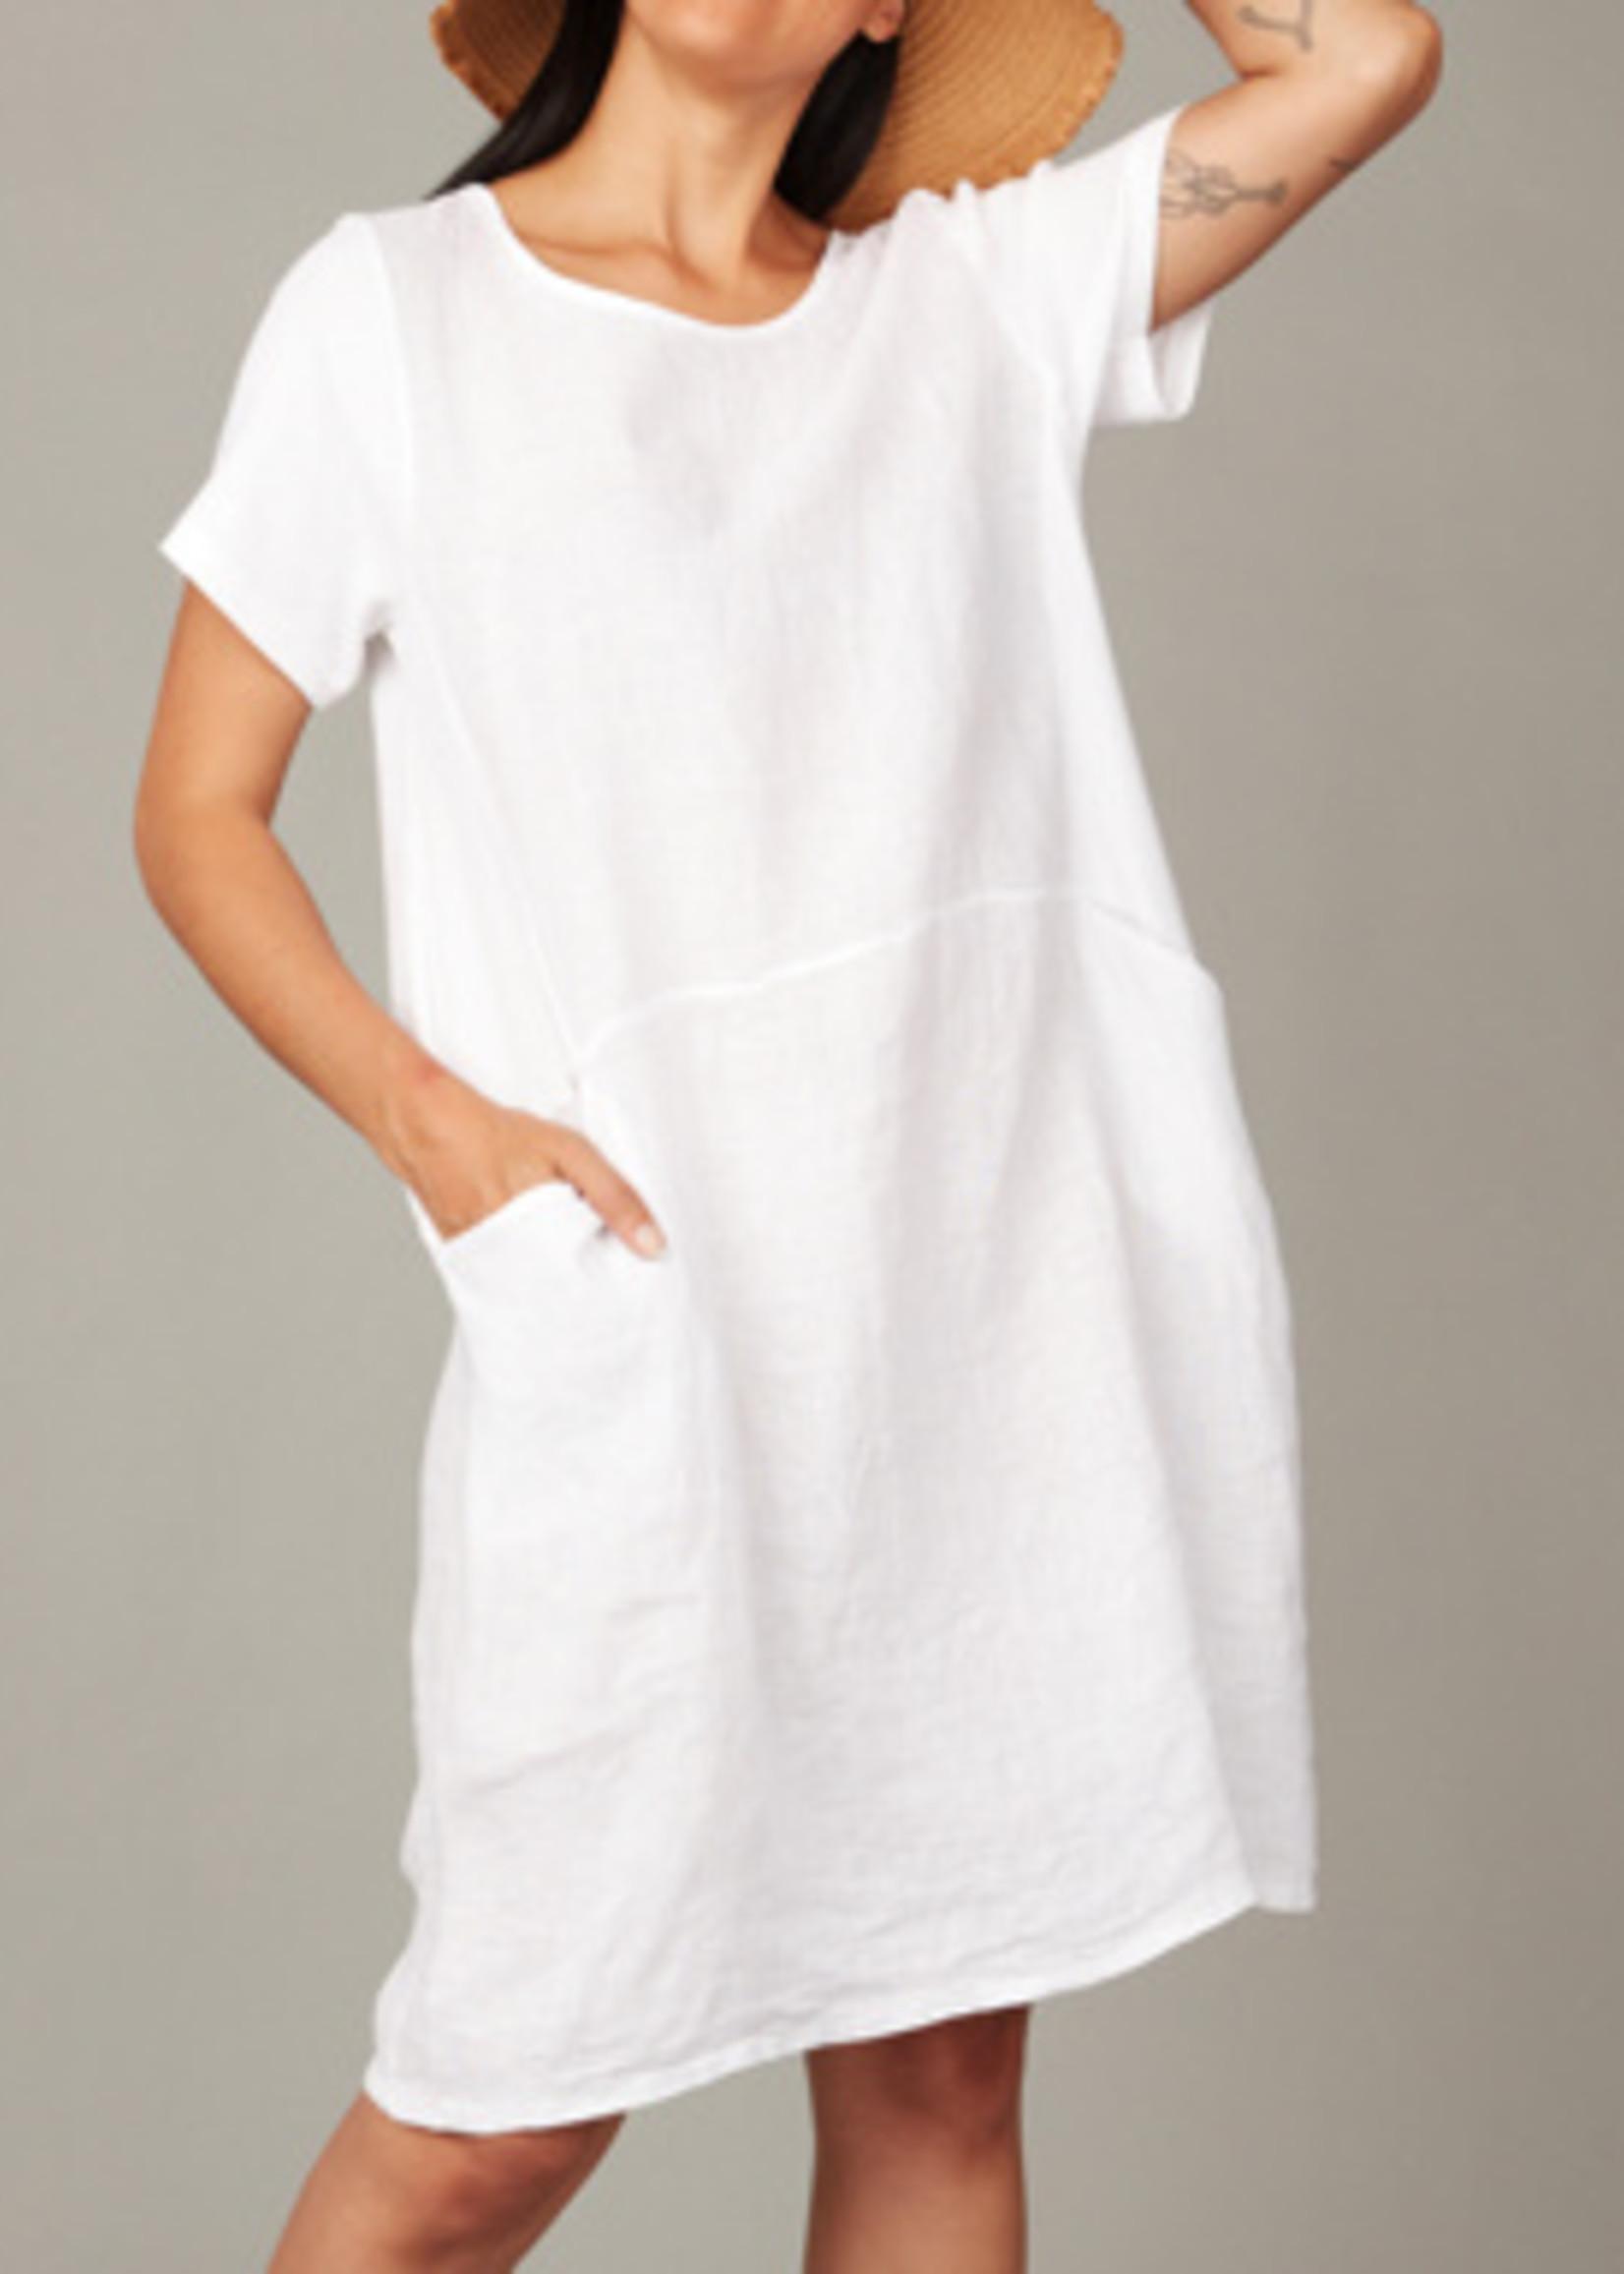 pistache Linen Dress w/Cotton